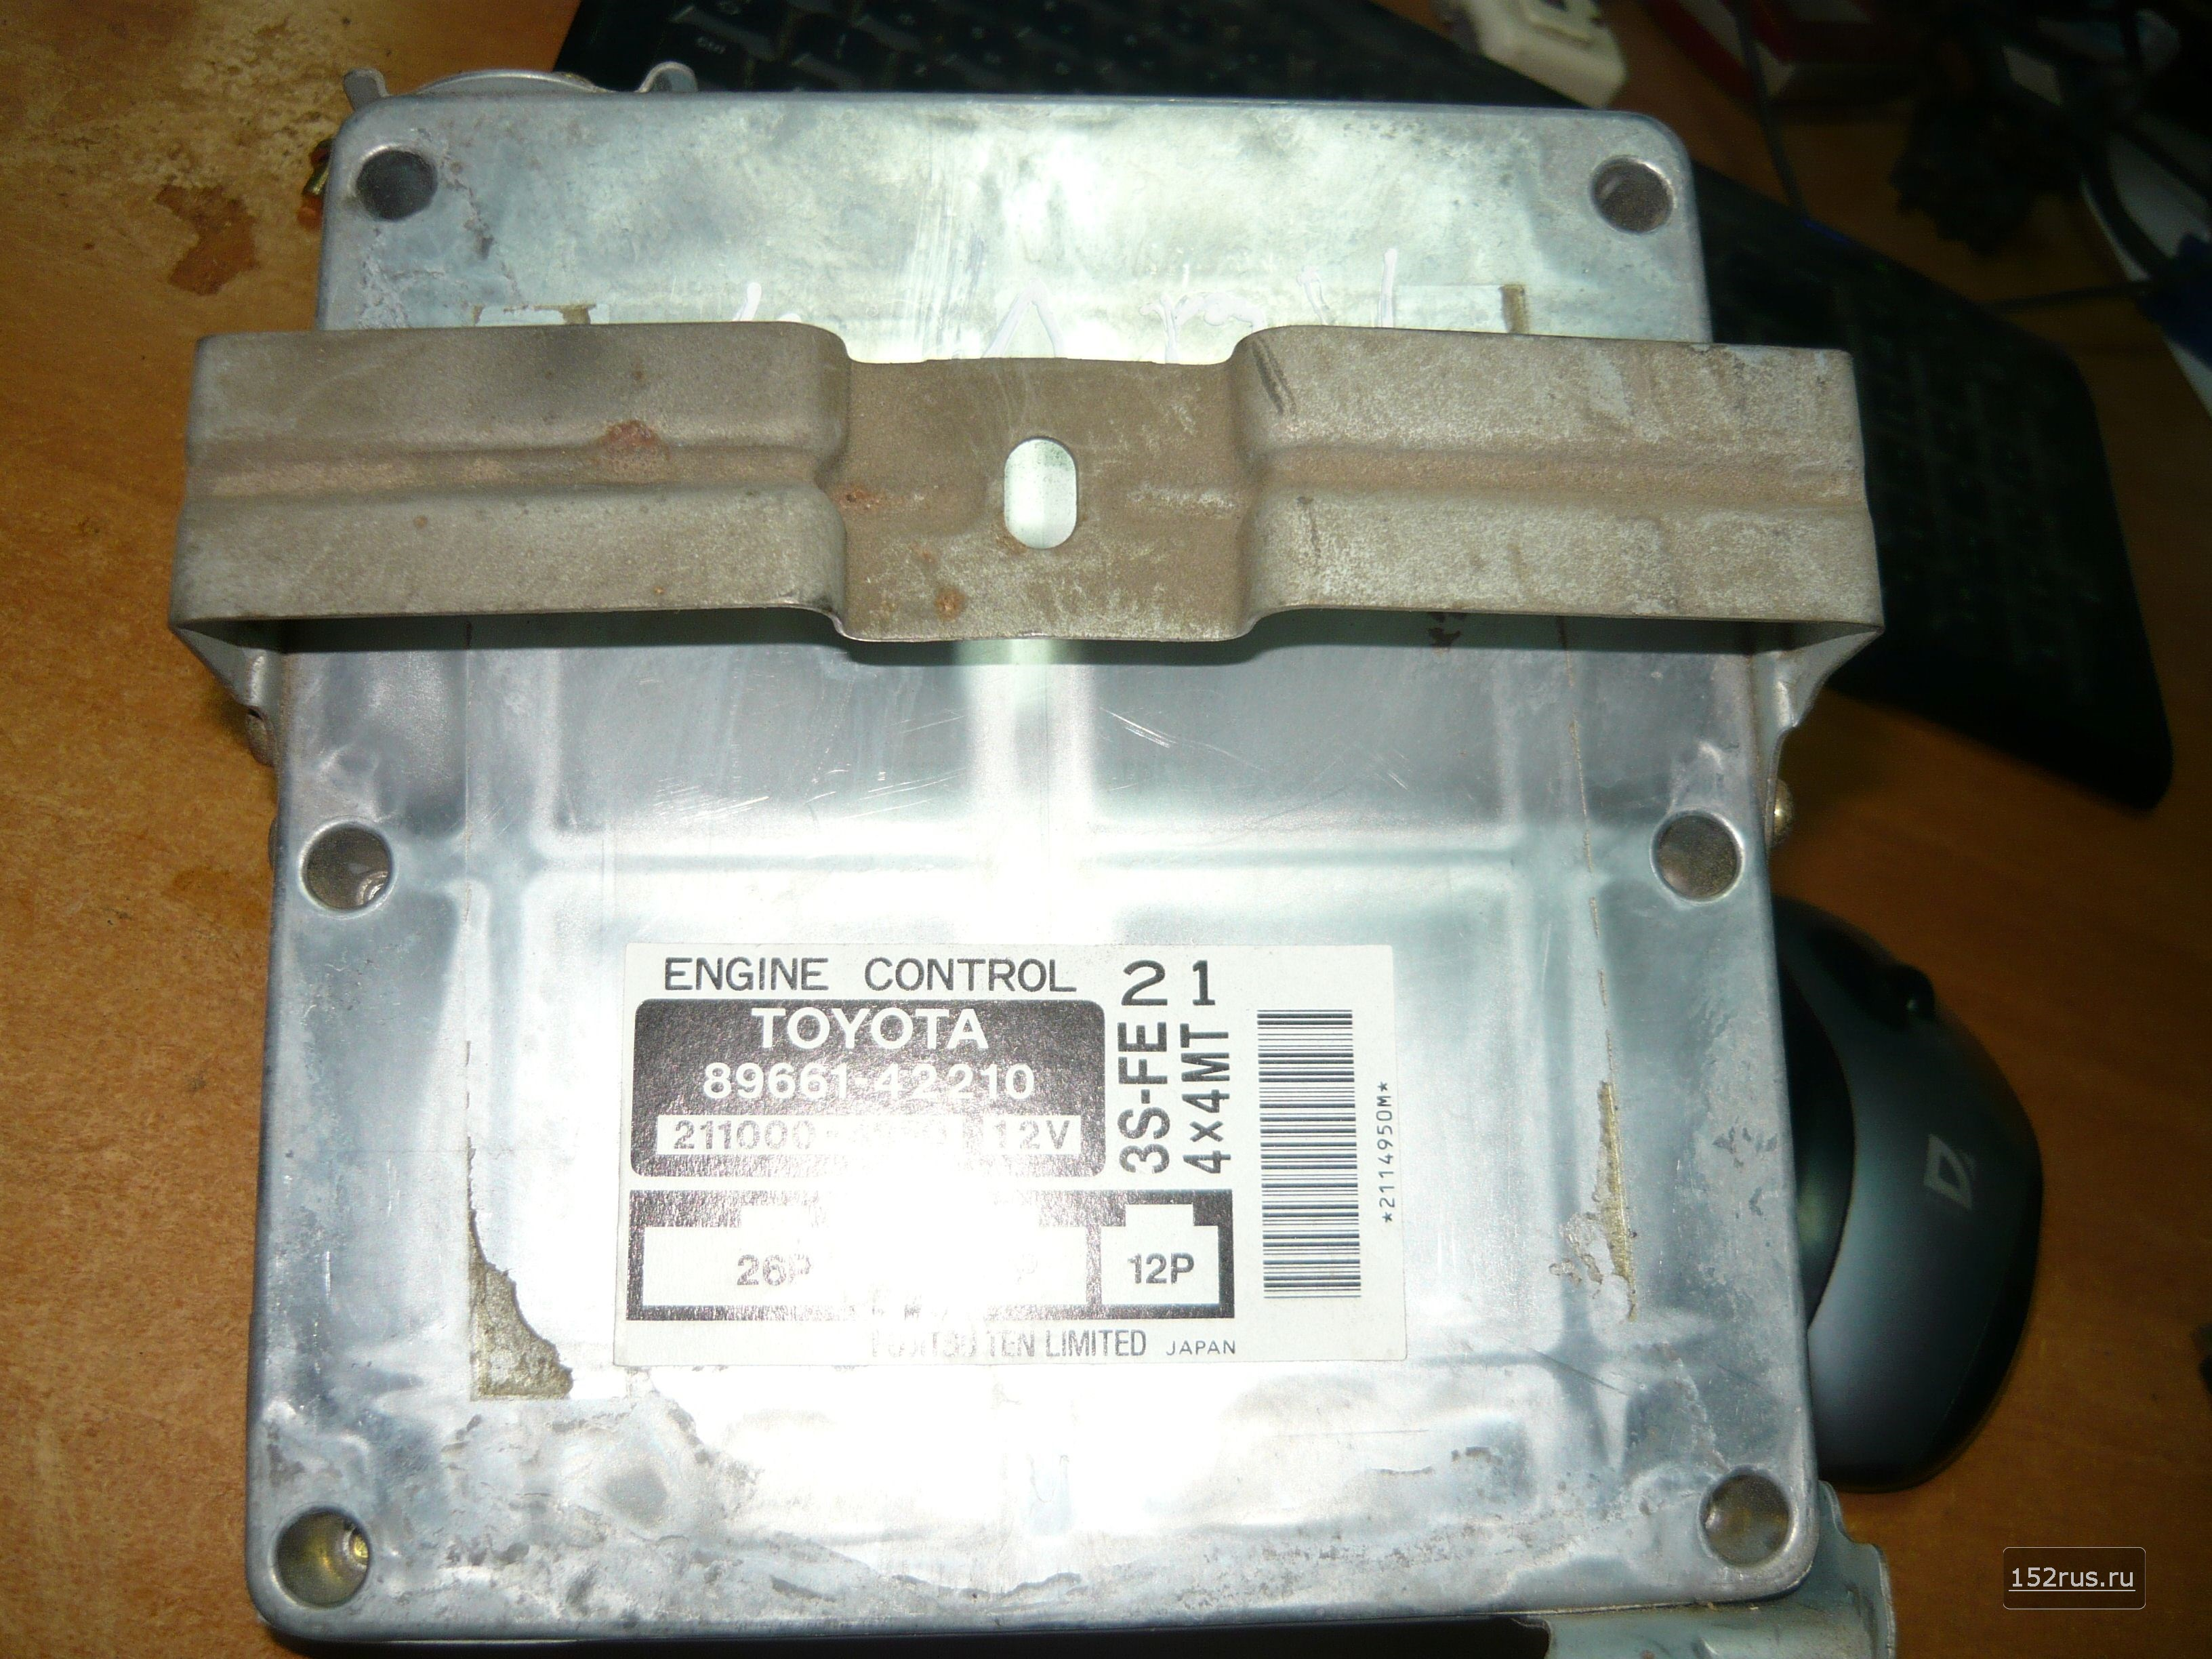 Установка ГБО на Toyota RAV 4 (Тоета Рав 4 )150Hp ...